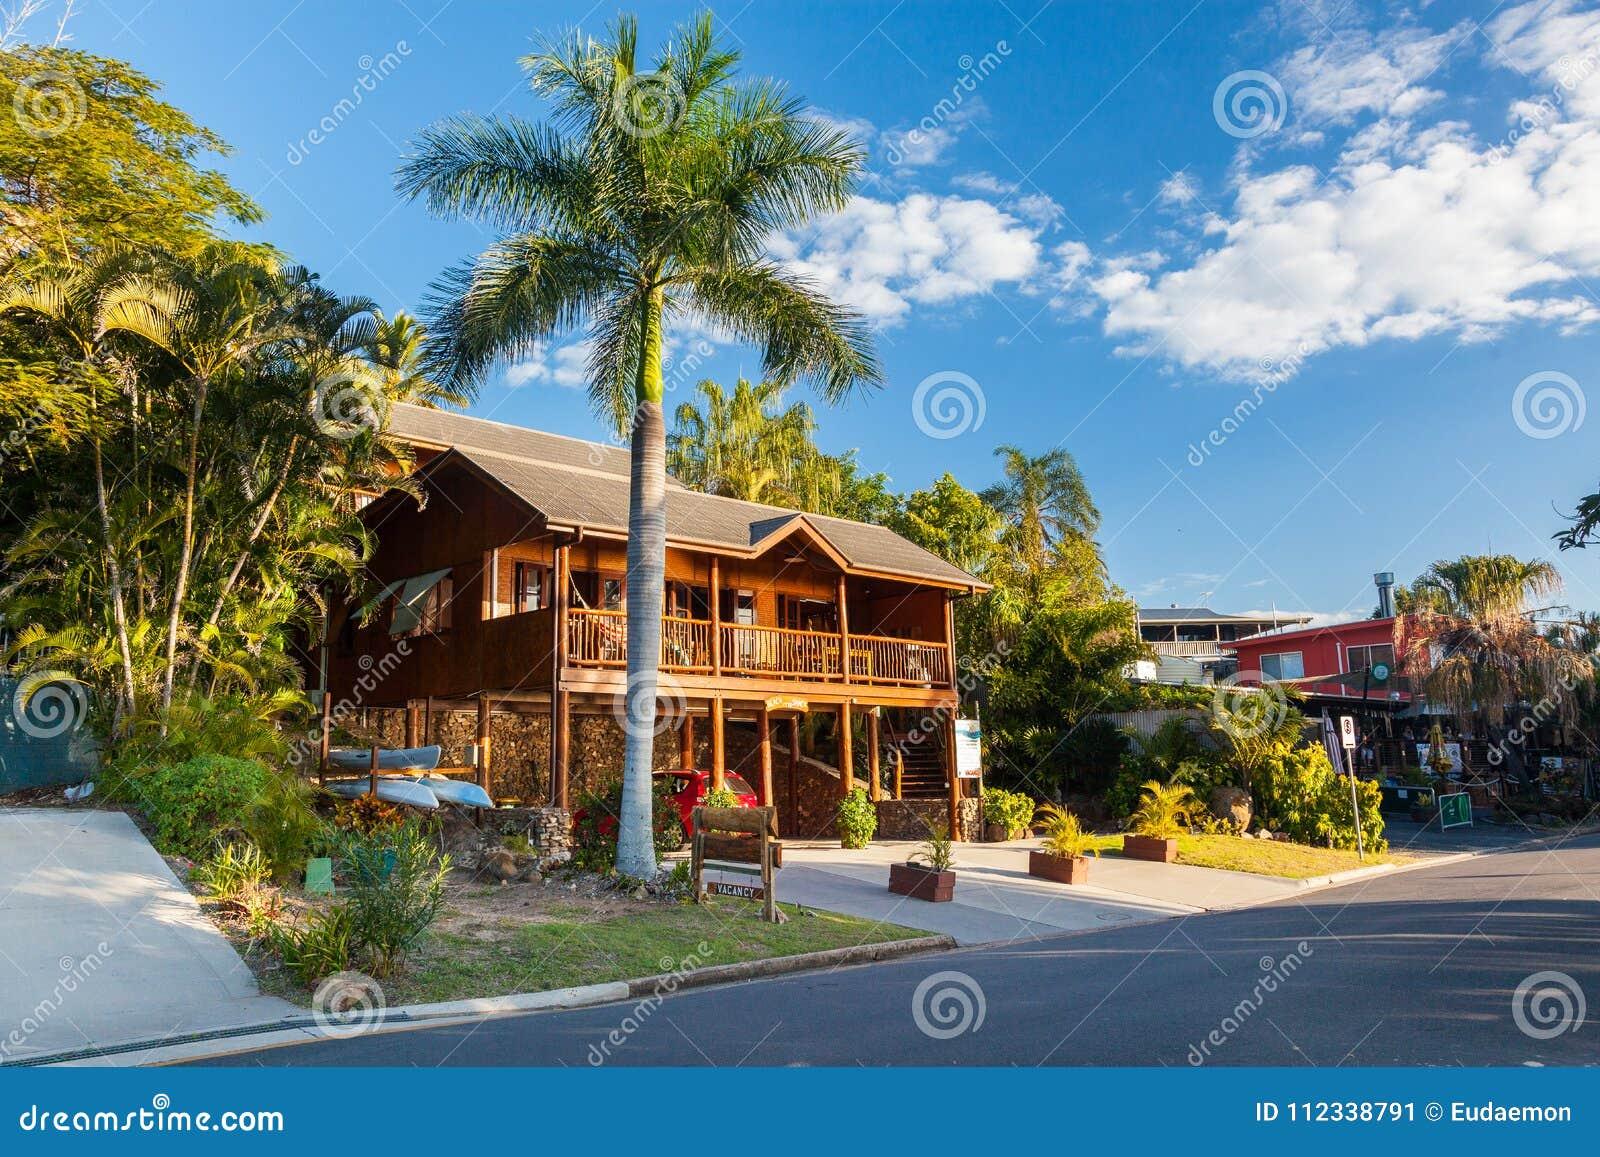 Flott strandhydda på sjutton sjuttio, Queensland